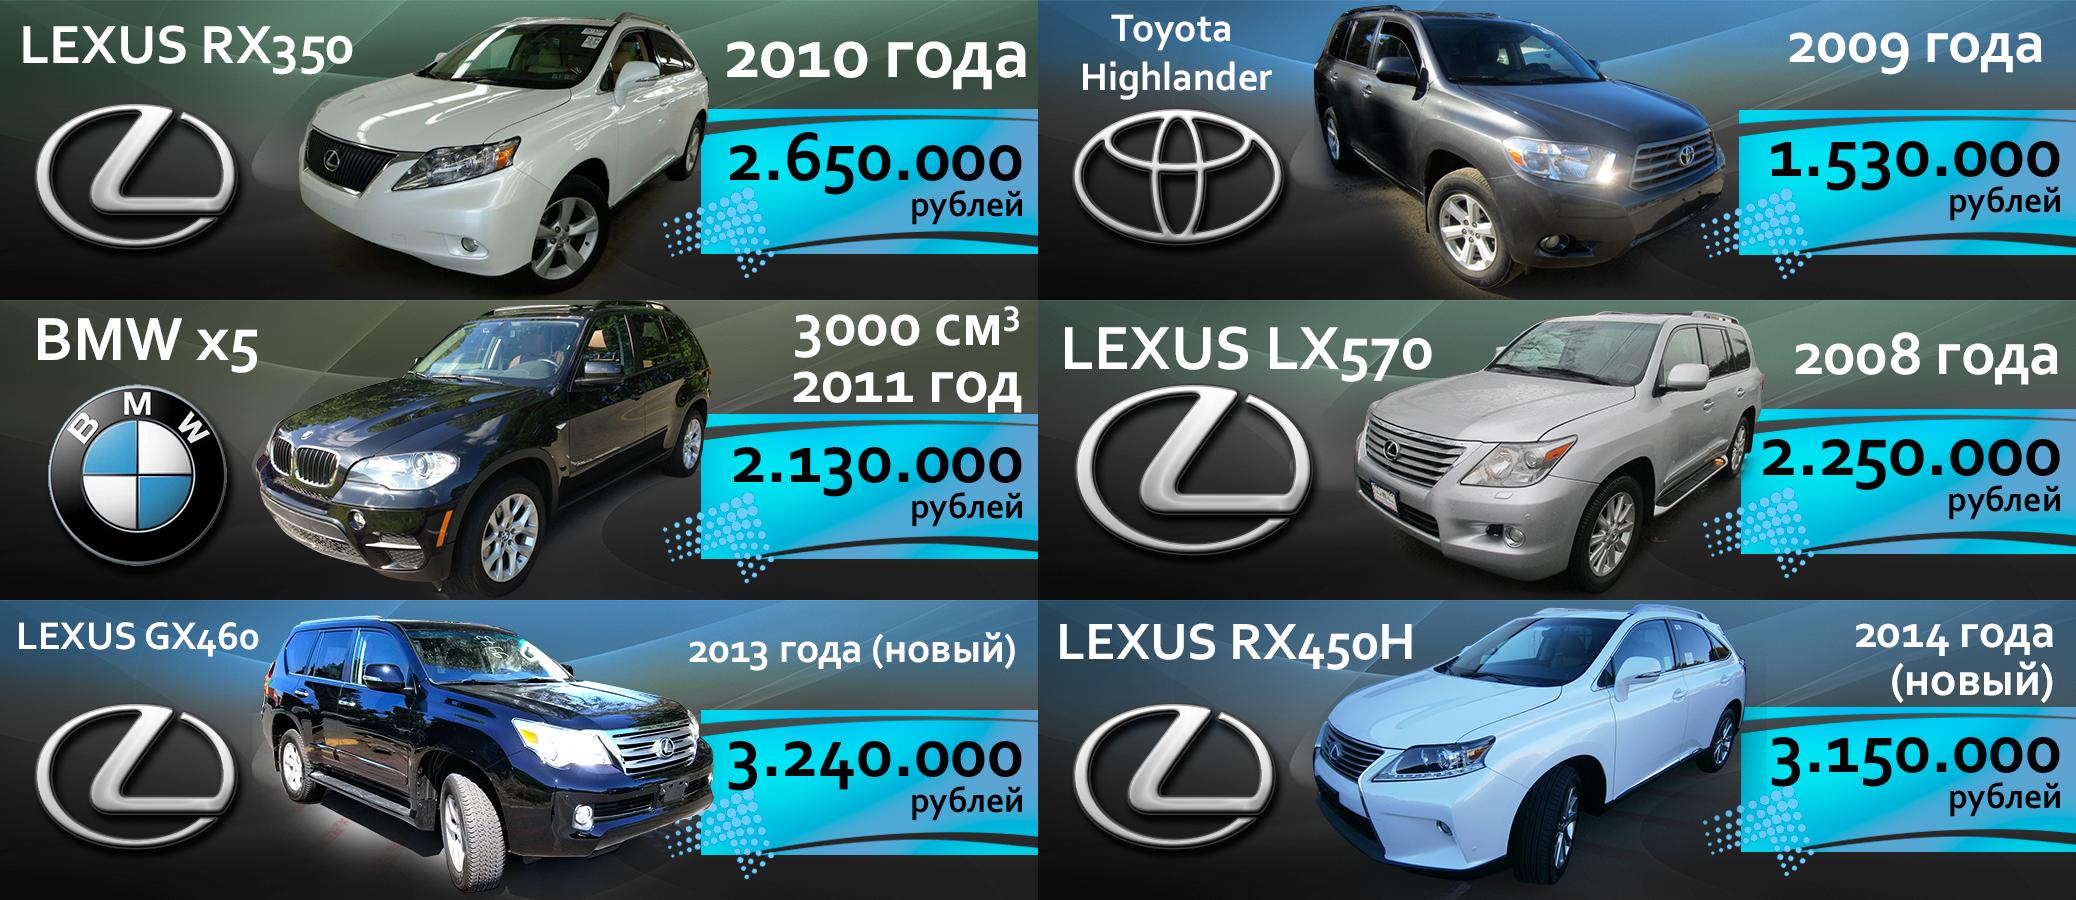 Слайды для сайта продажи автомобилей